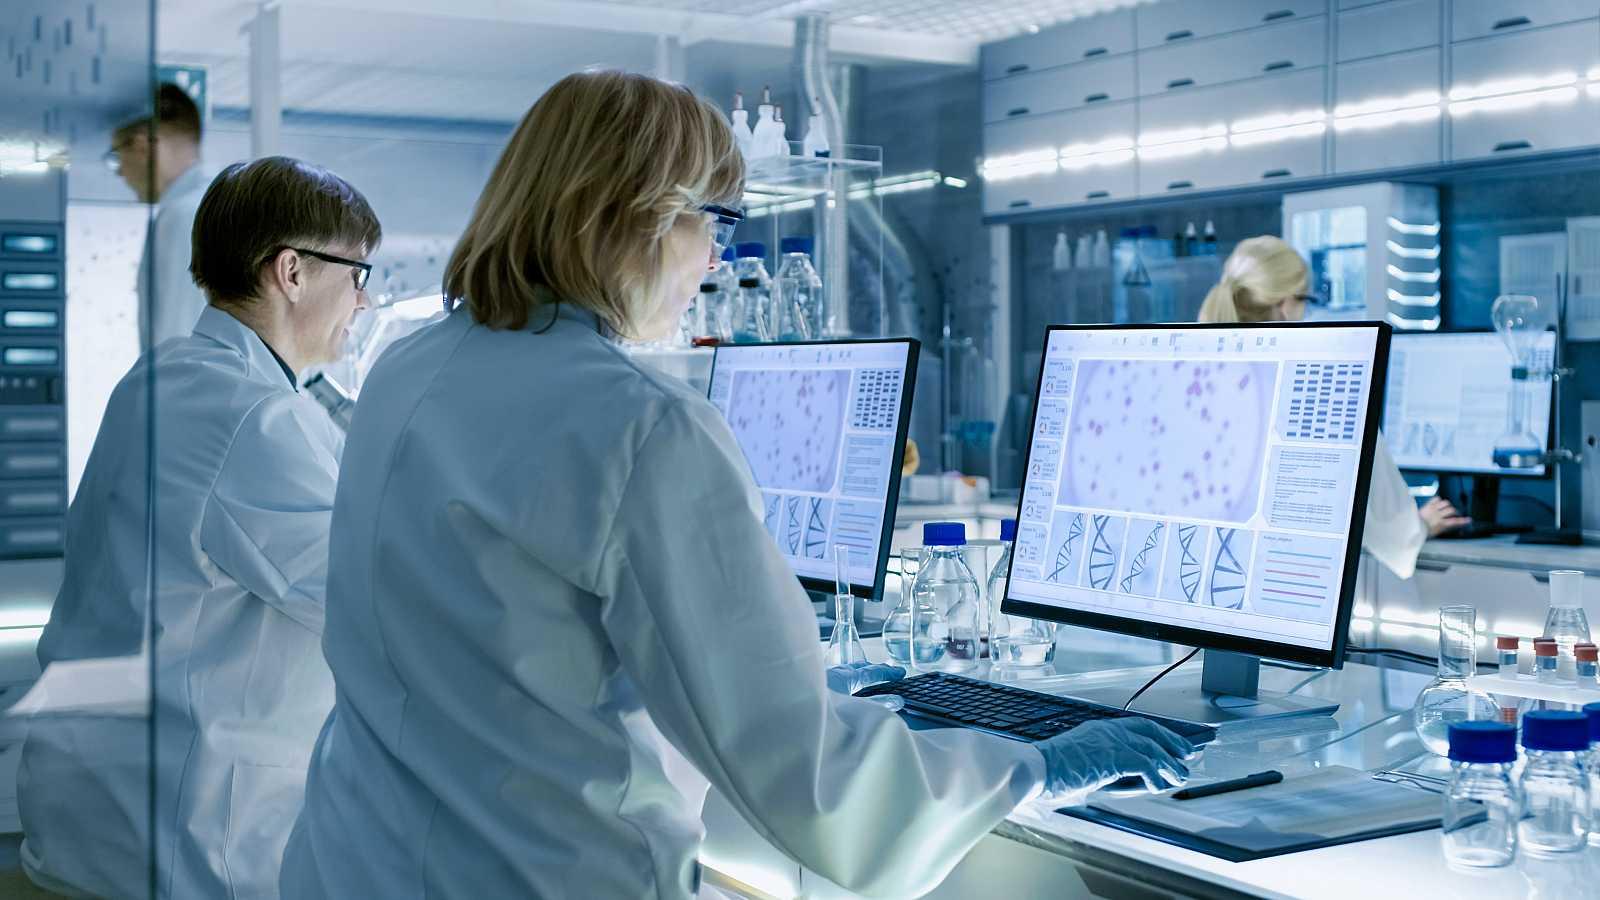 14 horas - Los científicos alertan de la falta de inversión en I+D en España - Escuchar ahora